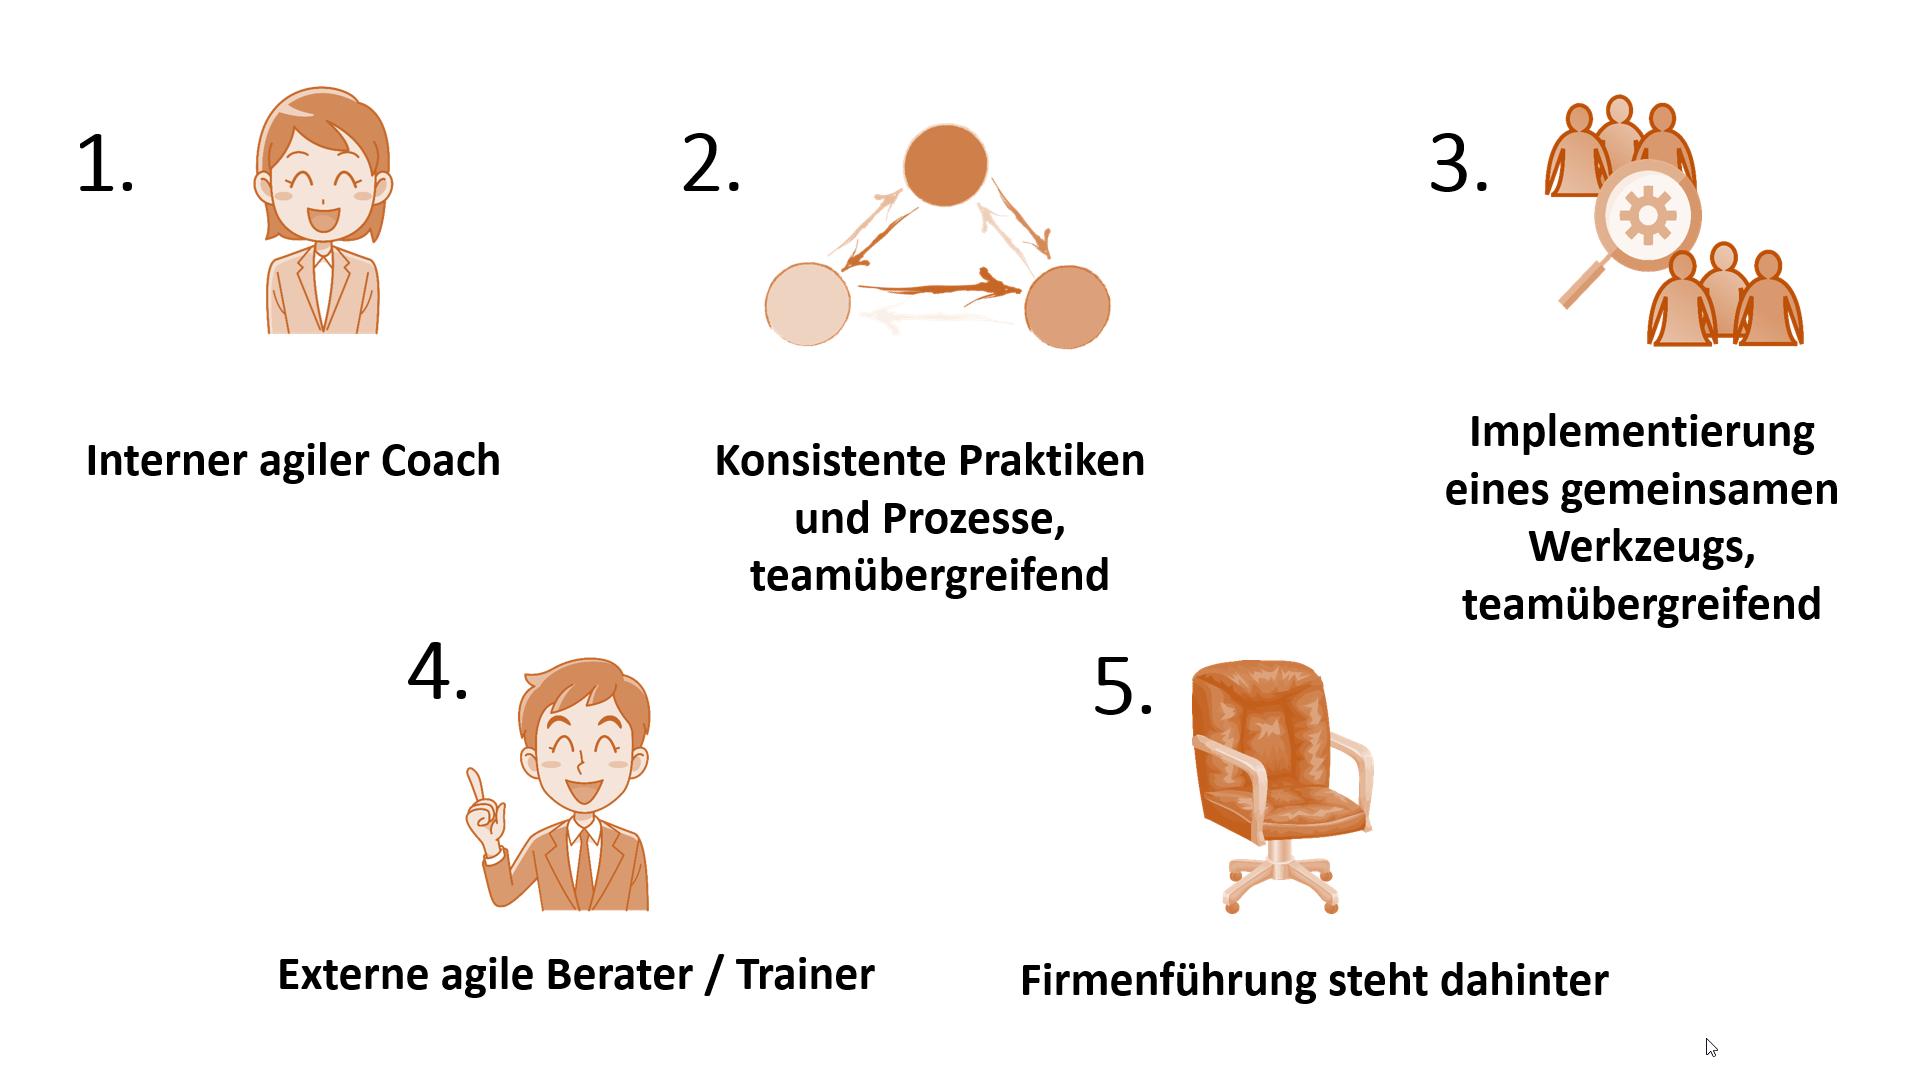 """Beratung, Konsistenz und Unterstützung durchs Management sind laut """"State of Agile"""" die wichtigsten Faktoren für eine erfolgreiche Skalierung agiler Prozesse und Denkweisen"""